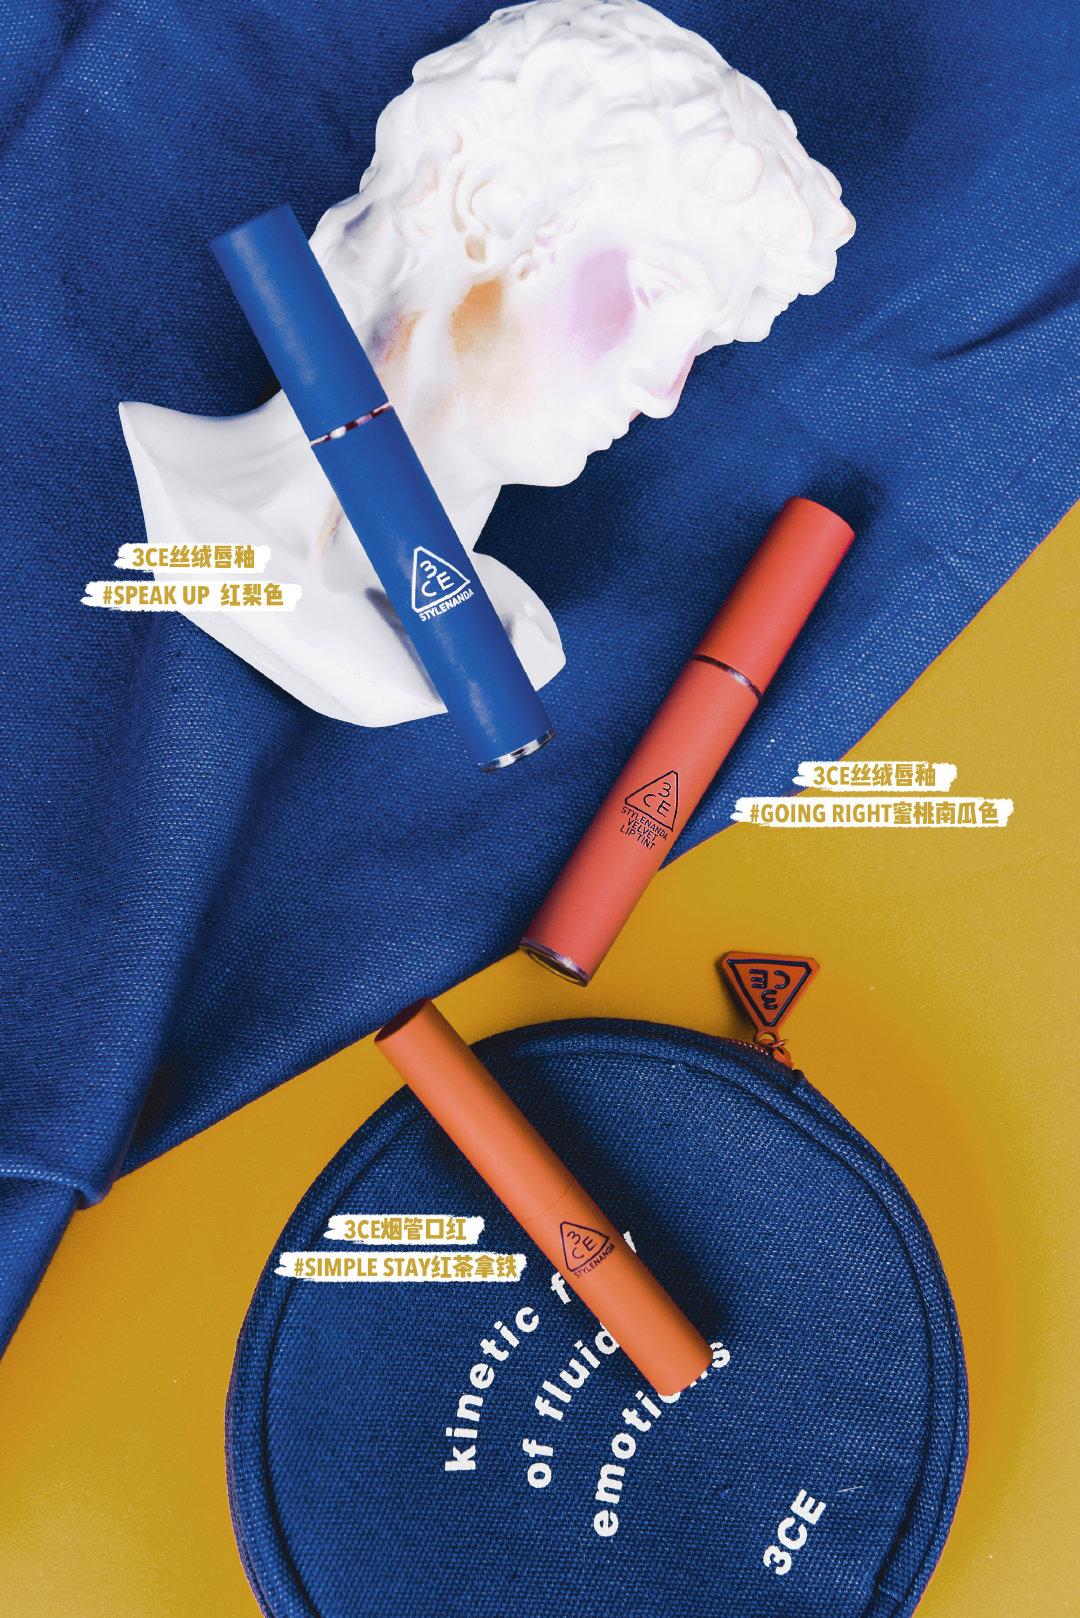 终于拥有了3CE 618中国独家限定布鲁斯蓝包装的丝绒唇釉SPEAK UP红梨